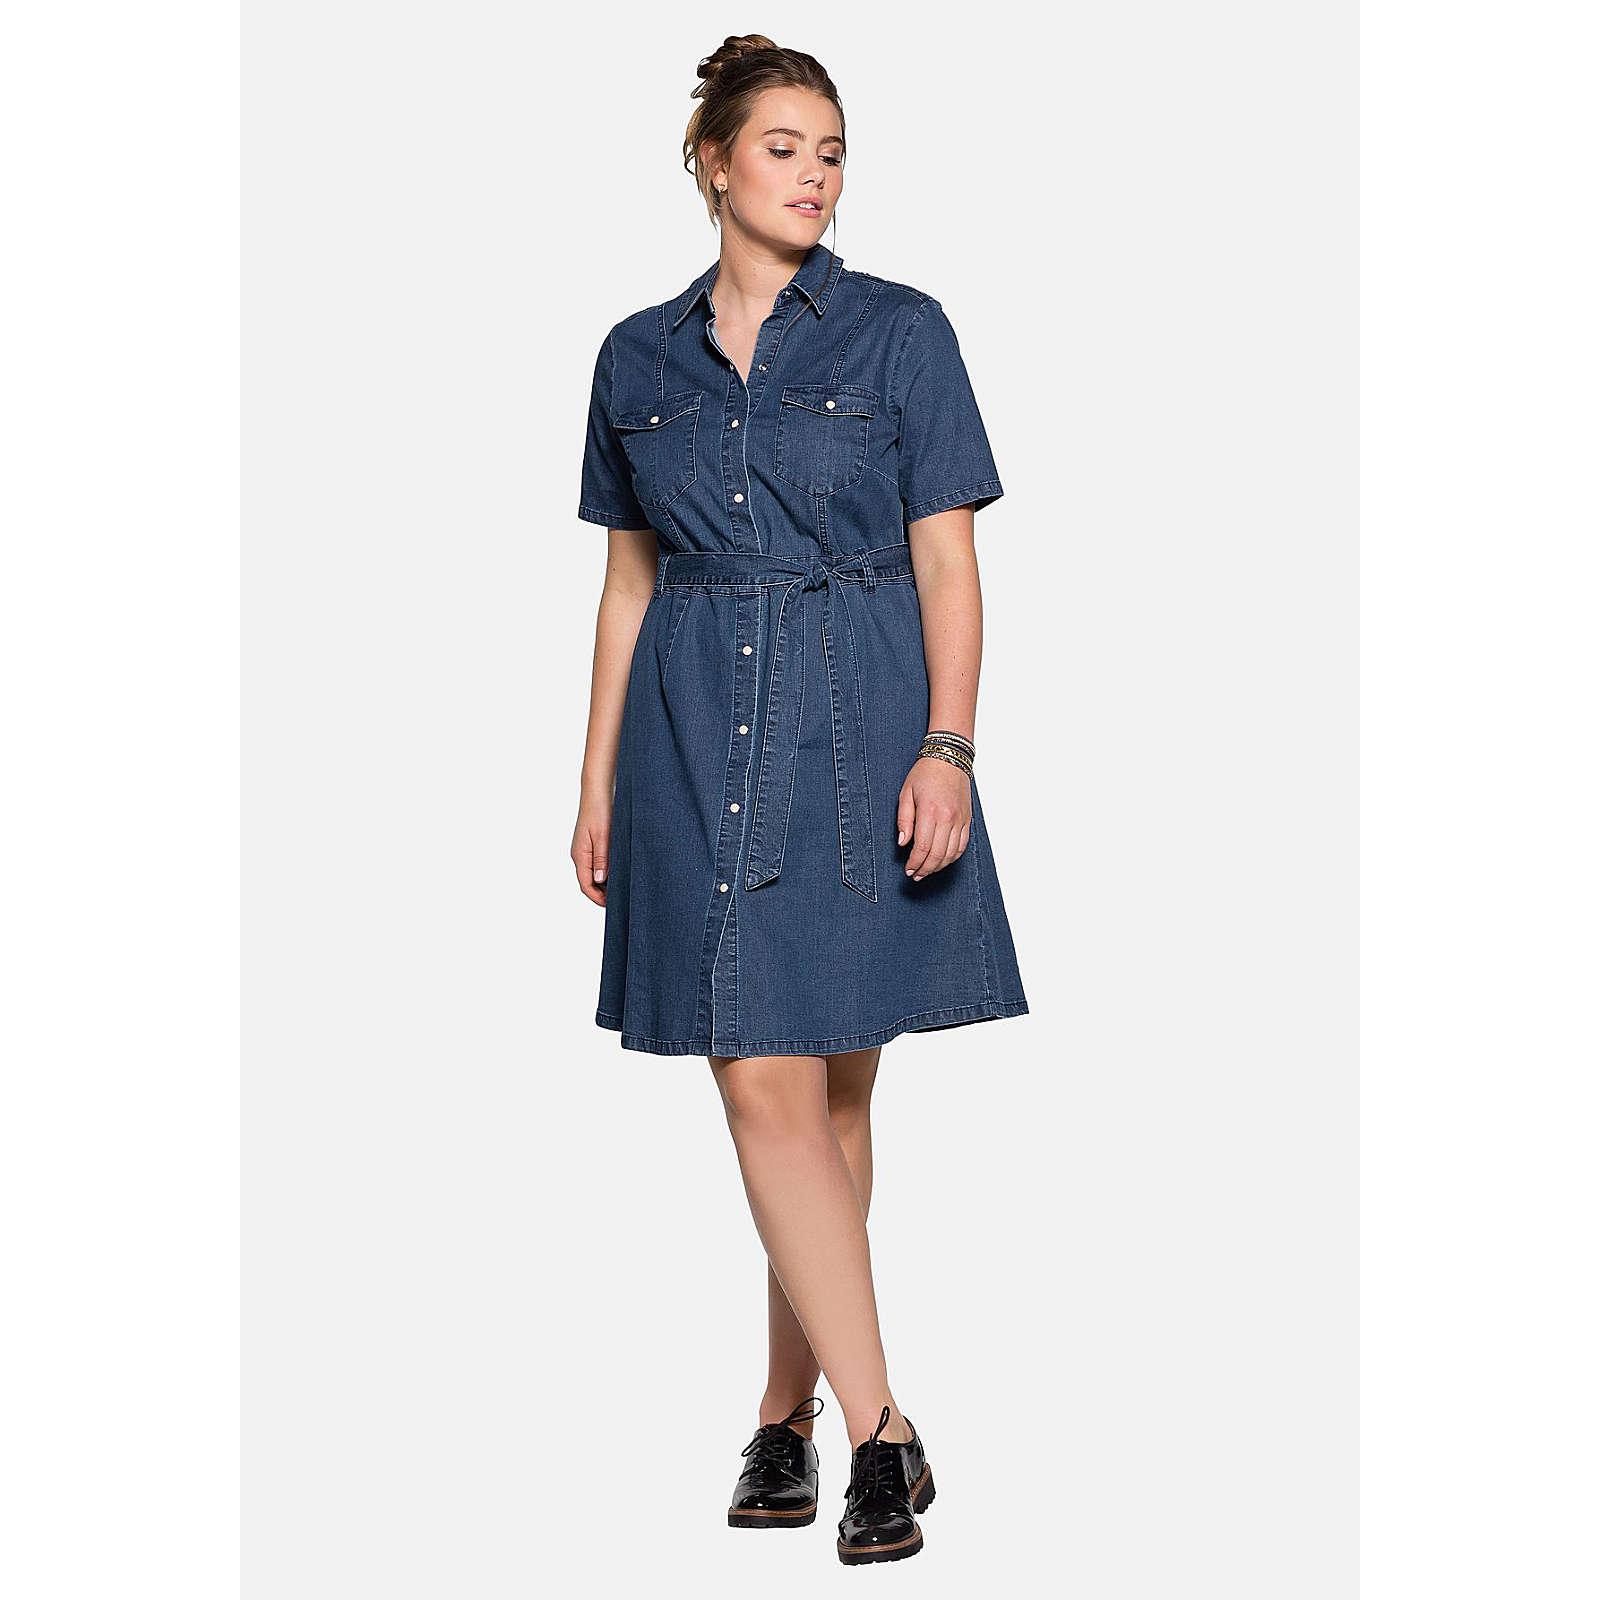 sheego Jeanskleid mit Brusttaschen Jeanskleider denim Damen Gr. 52